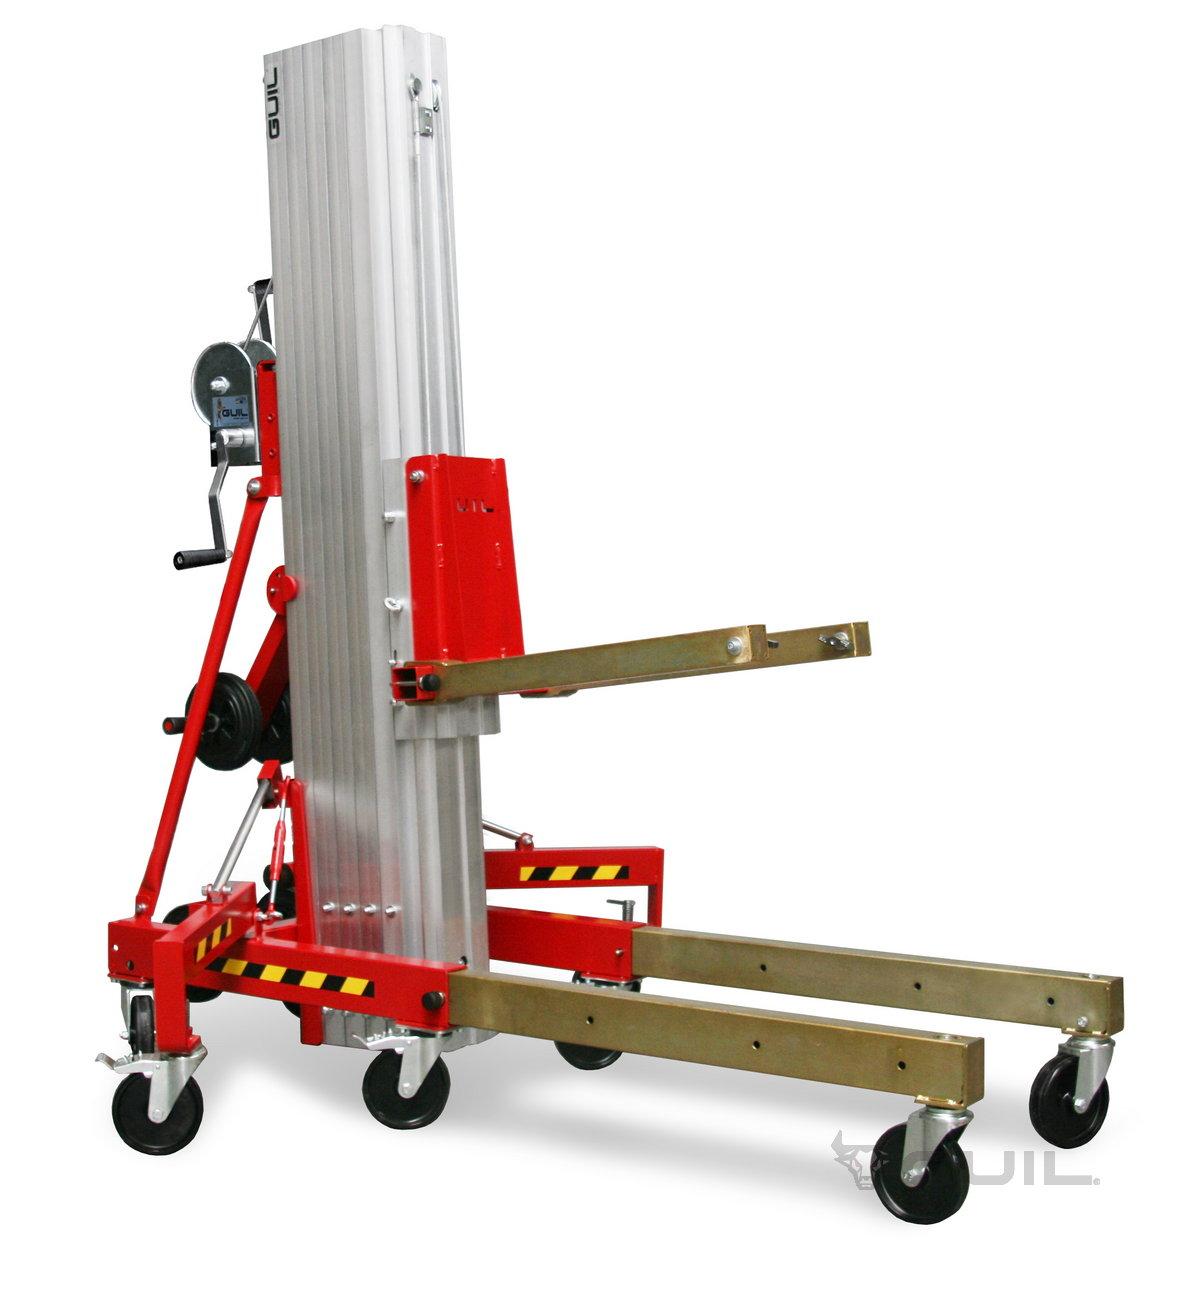 Kanaallift 8,00 m 350 kg (1)